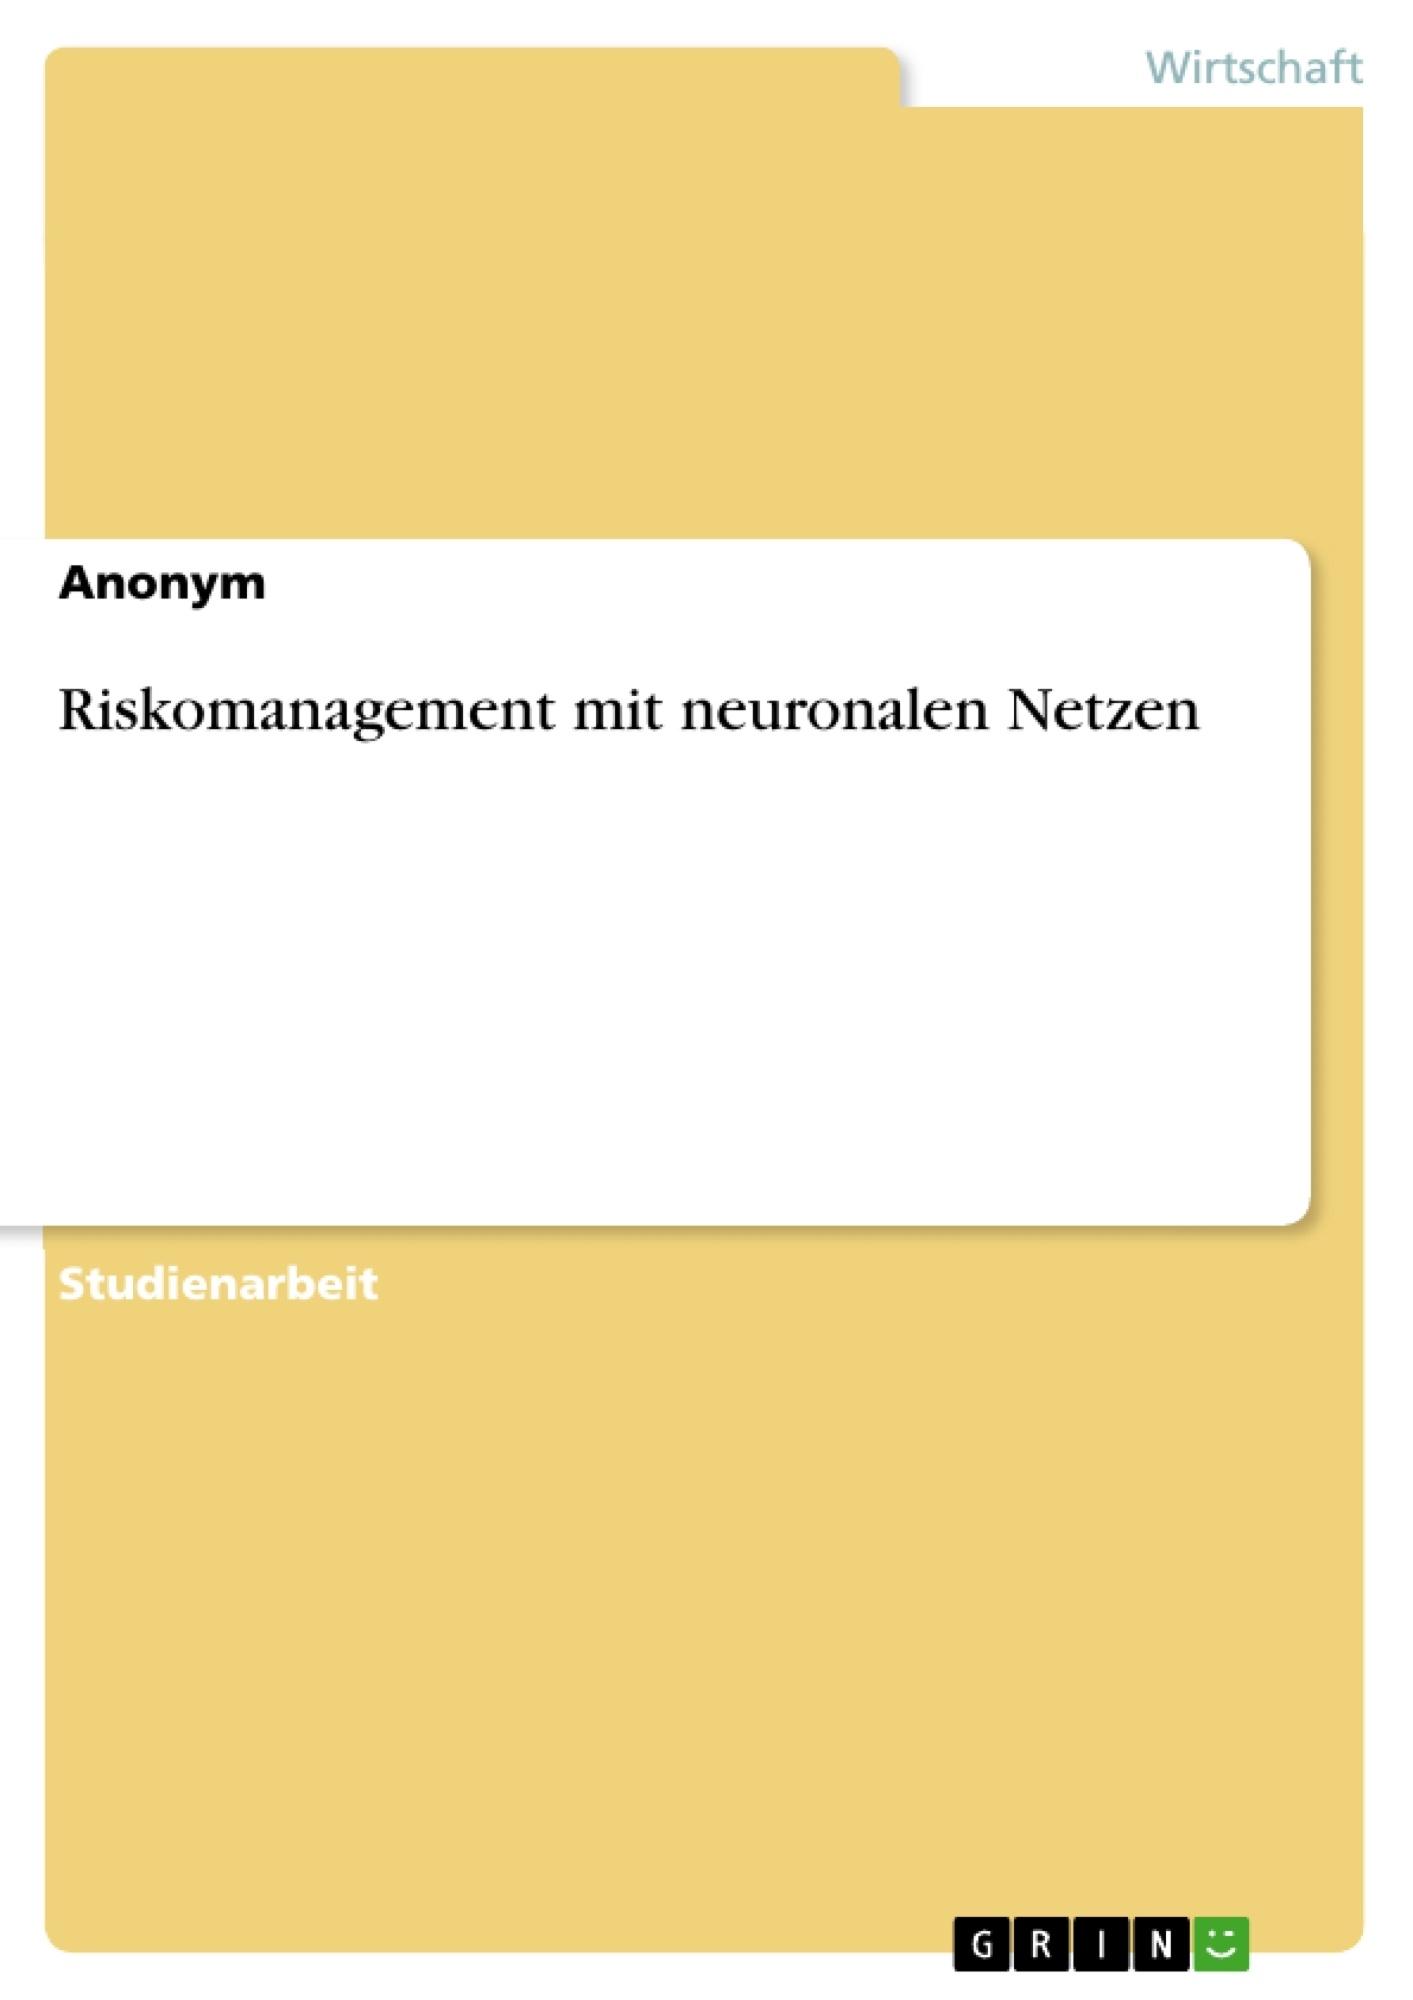 Titel: Riskomanagement mit neuronalen Netzen